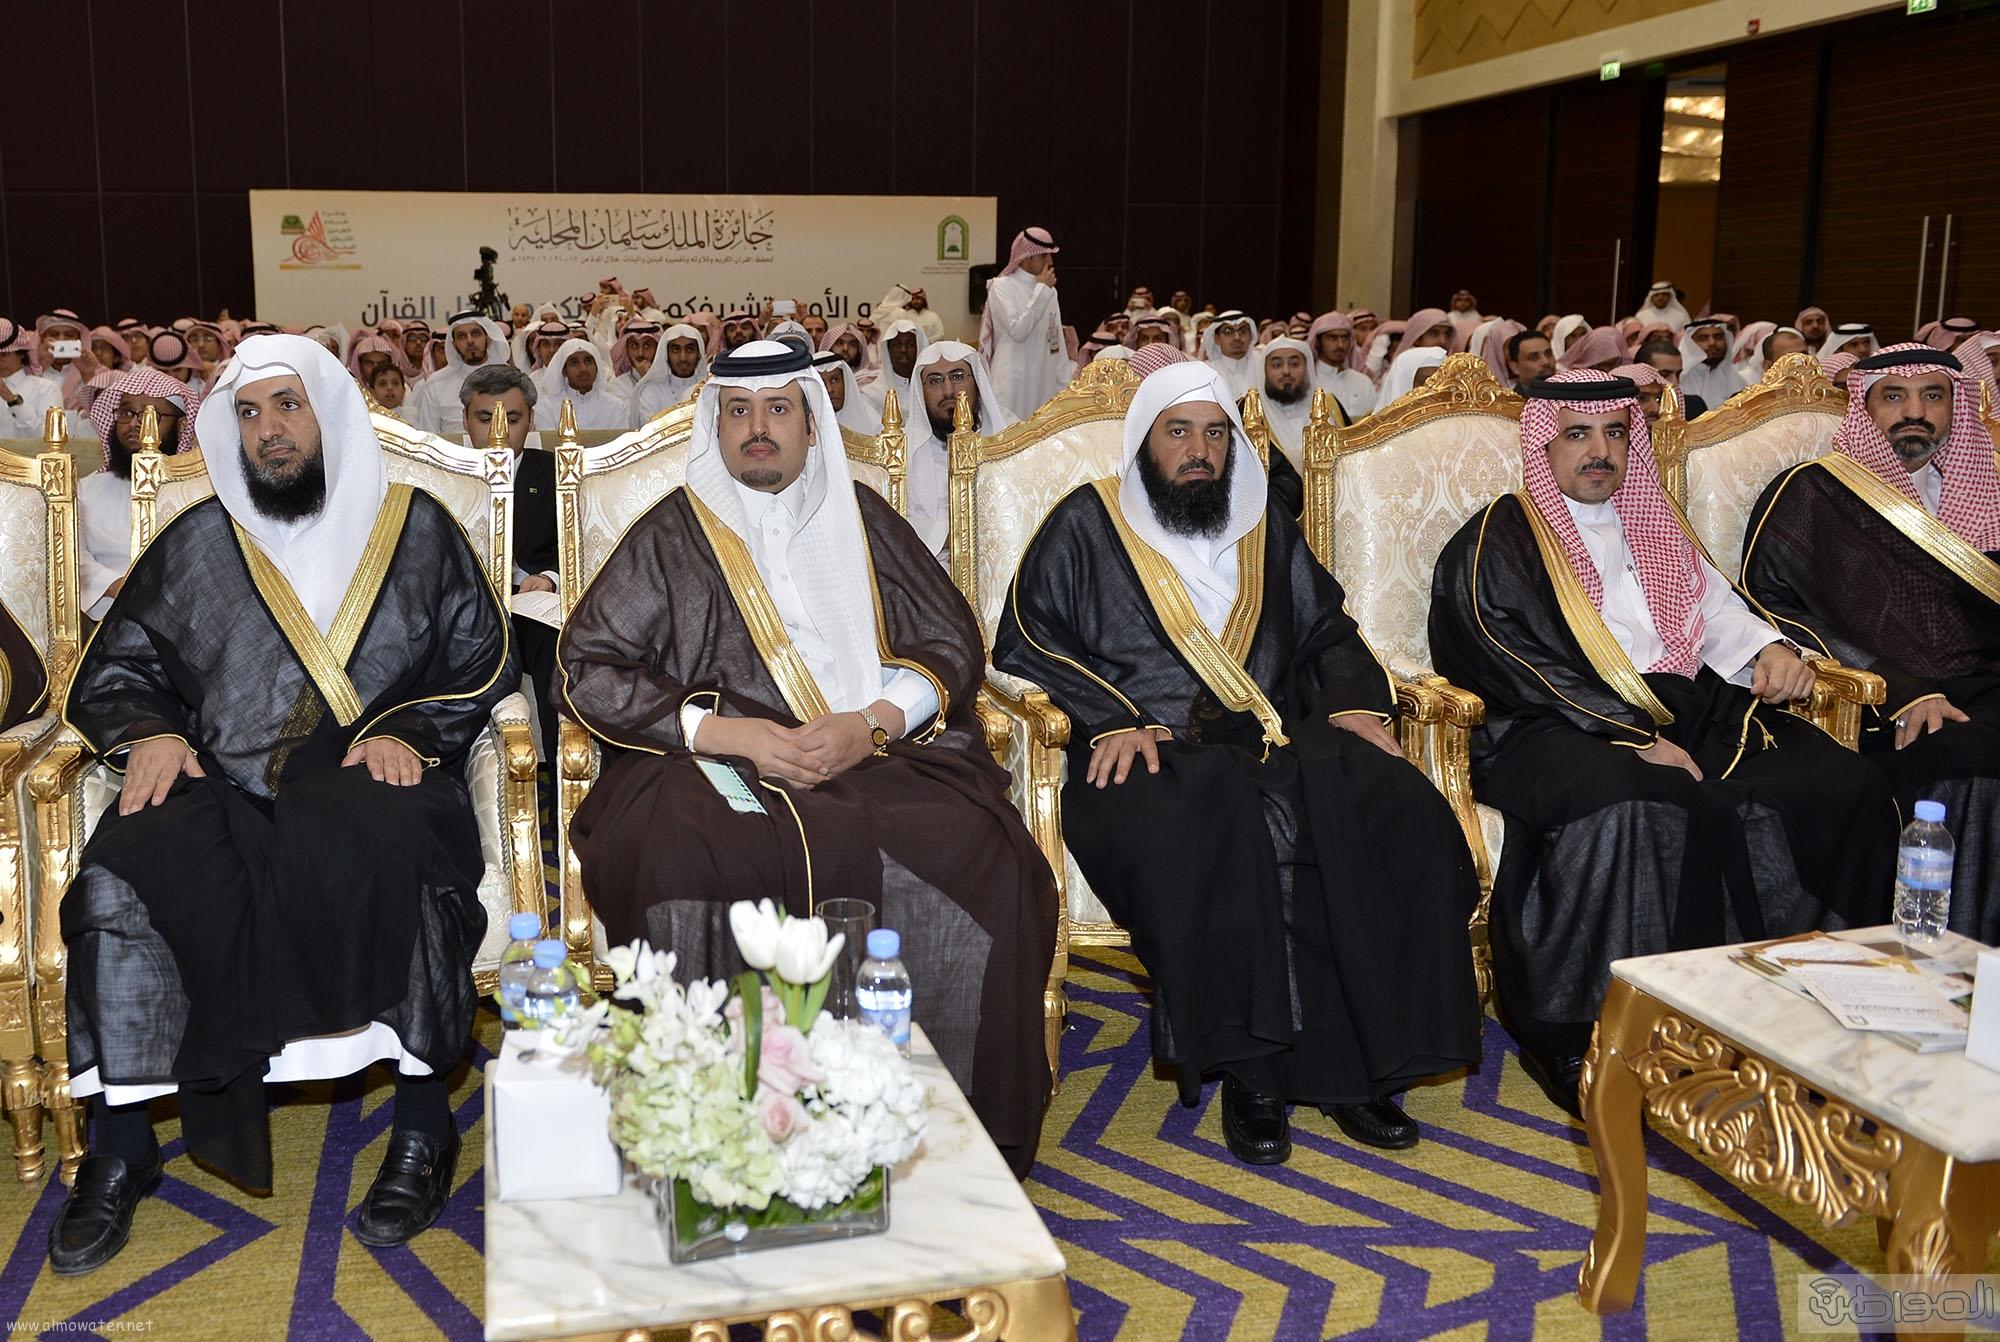 امير منطقة الرياض يرعى حفل اختتام مسابقة جائزة الملك سلمان لحفظ القران الكريم (9)